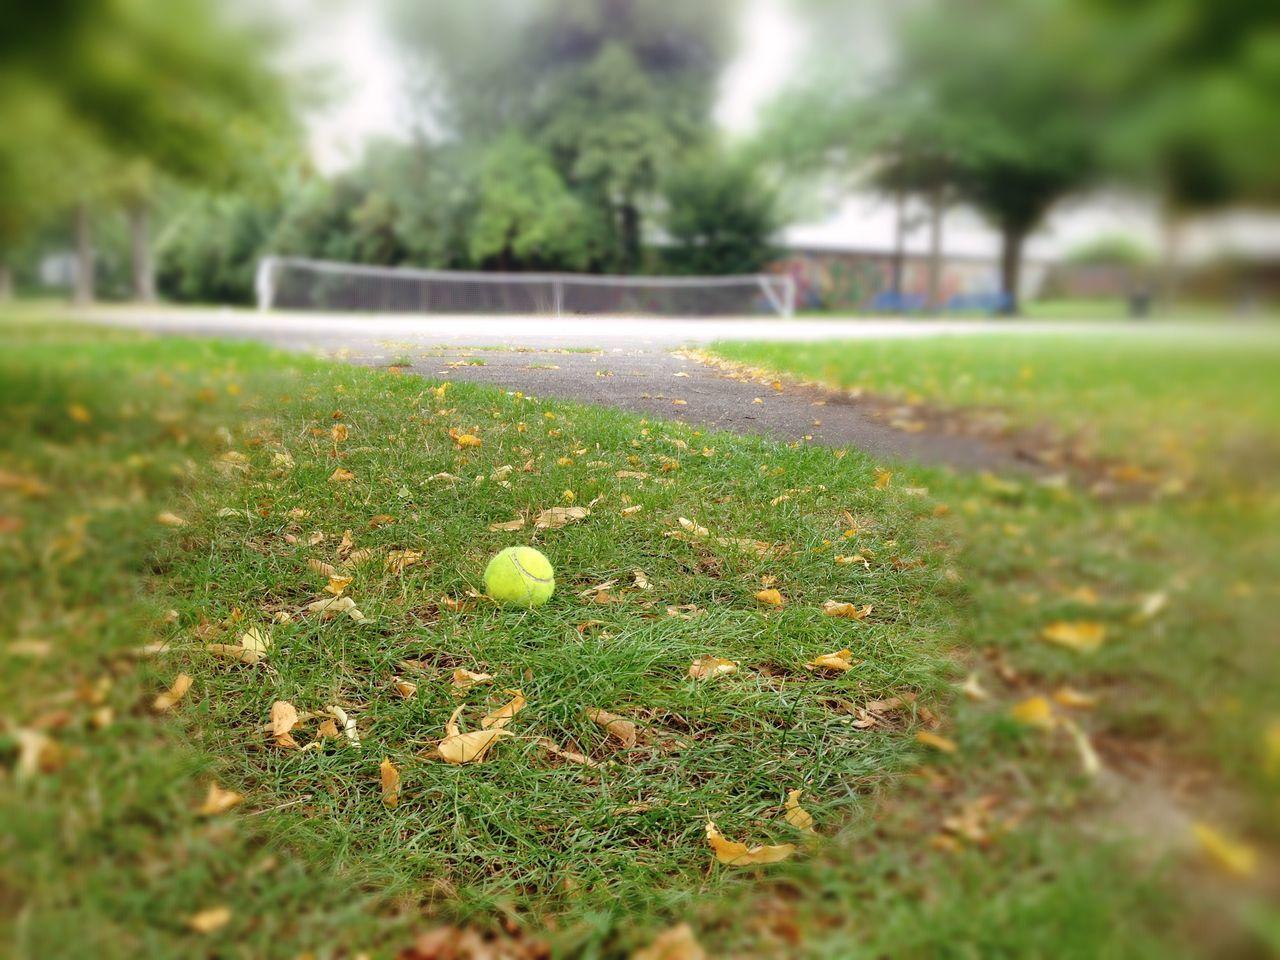 Ball Day Depth Of Field Grass No People Outdoors Sport Tennis Tennis Ball